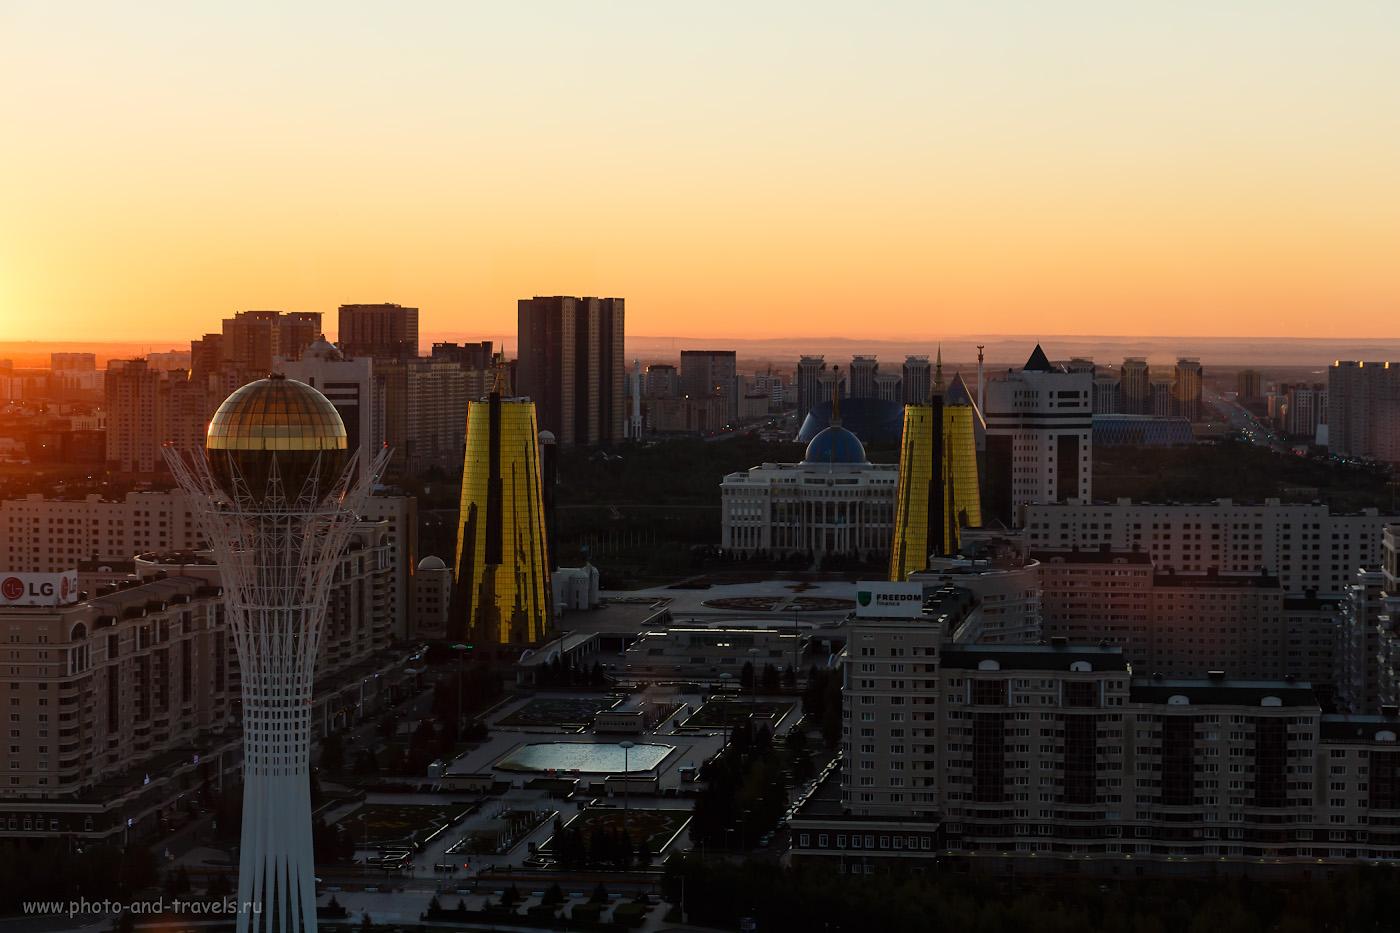 Фото 38. Восход солнца в Астане. Фото из окна апартаментов в ЖК «Северное сияние». 1/40, +0.3, 8, 200, 59.